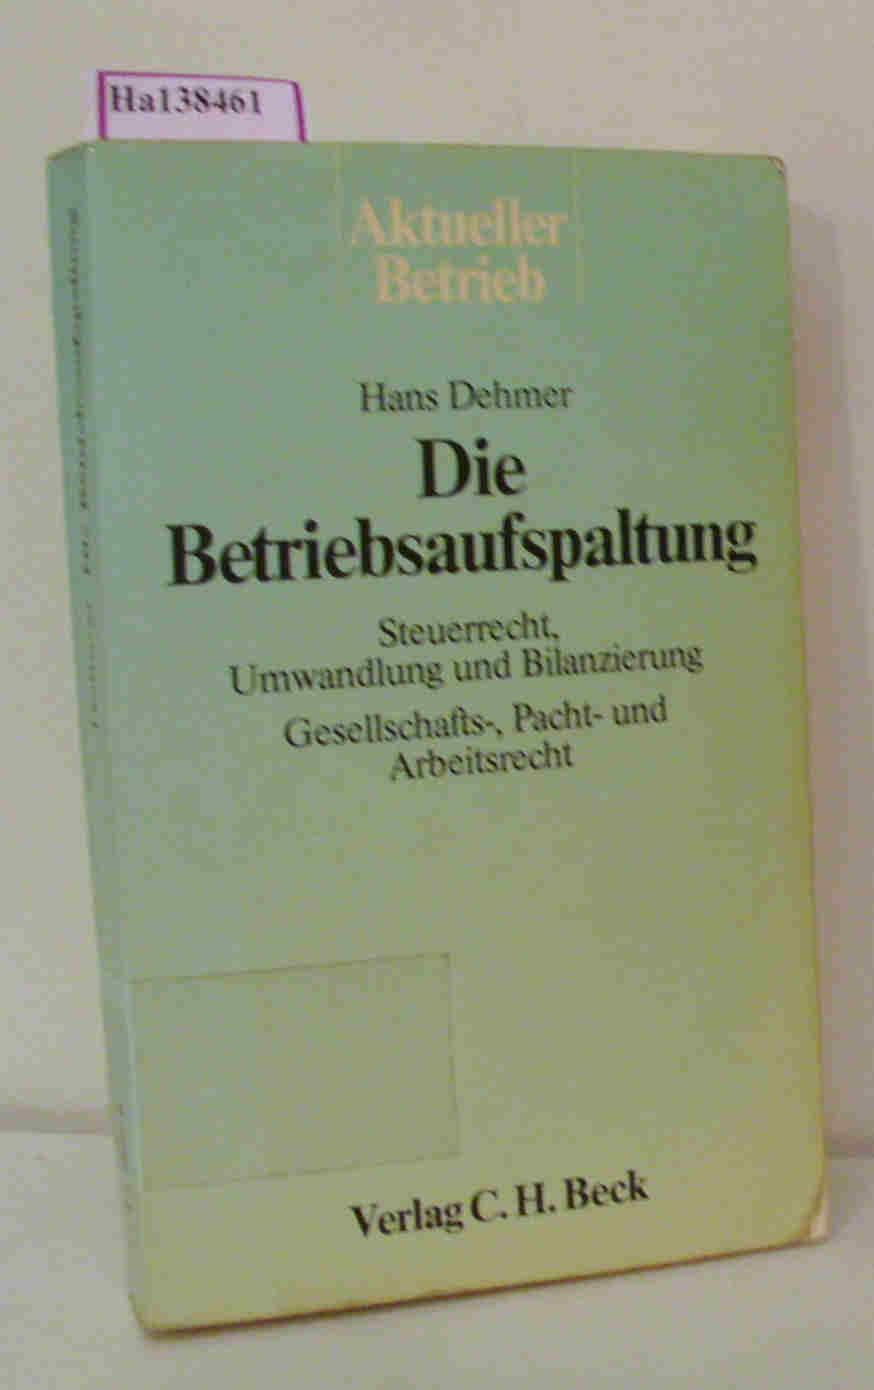 Die Betriebsaufspaltung. Steuerrecht, Umwandlung und Bilanzierung. Gesellschafts-, Pacht- und Arbeitsrecht. ( Aktueller Betrieb) .